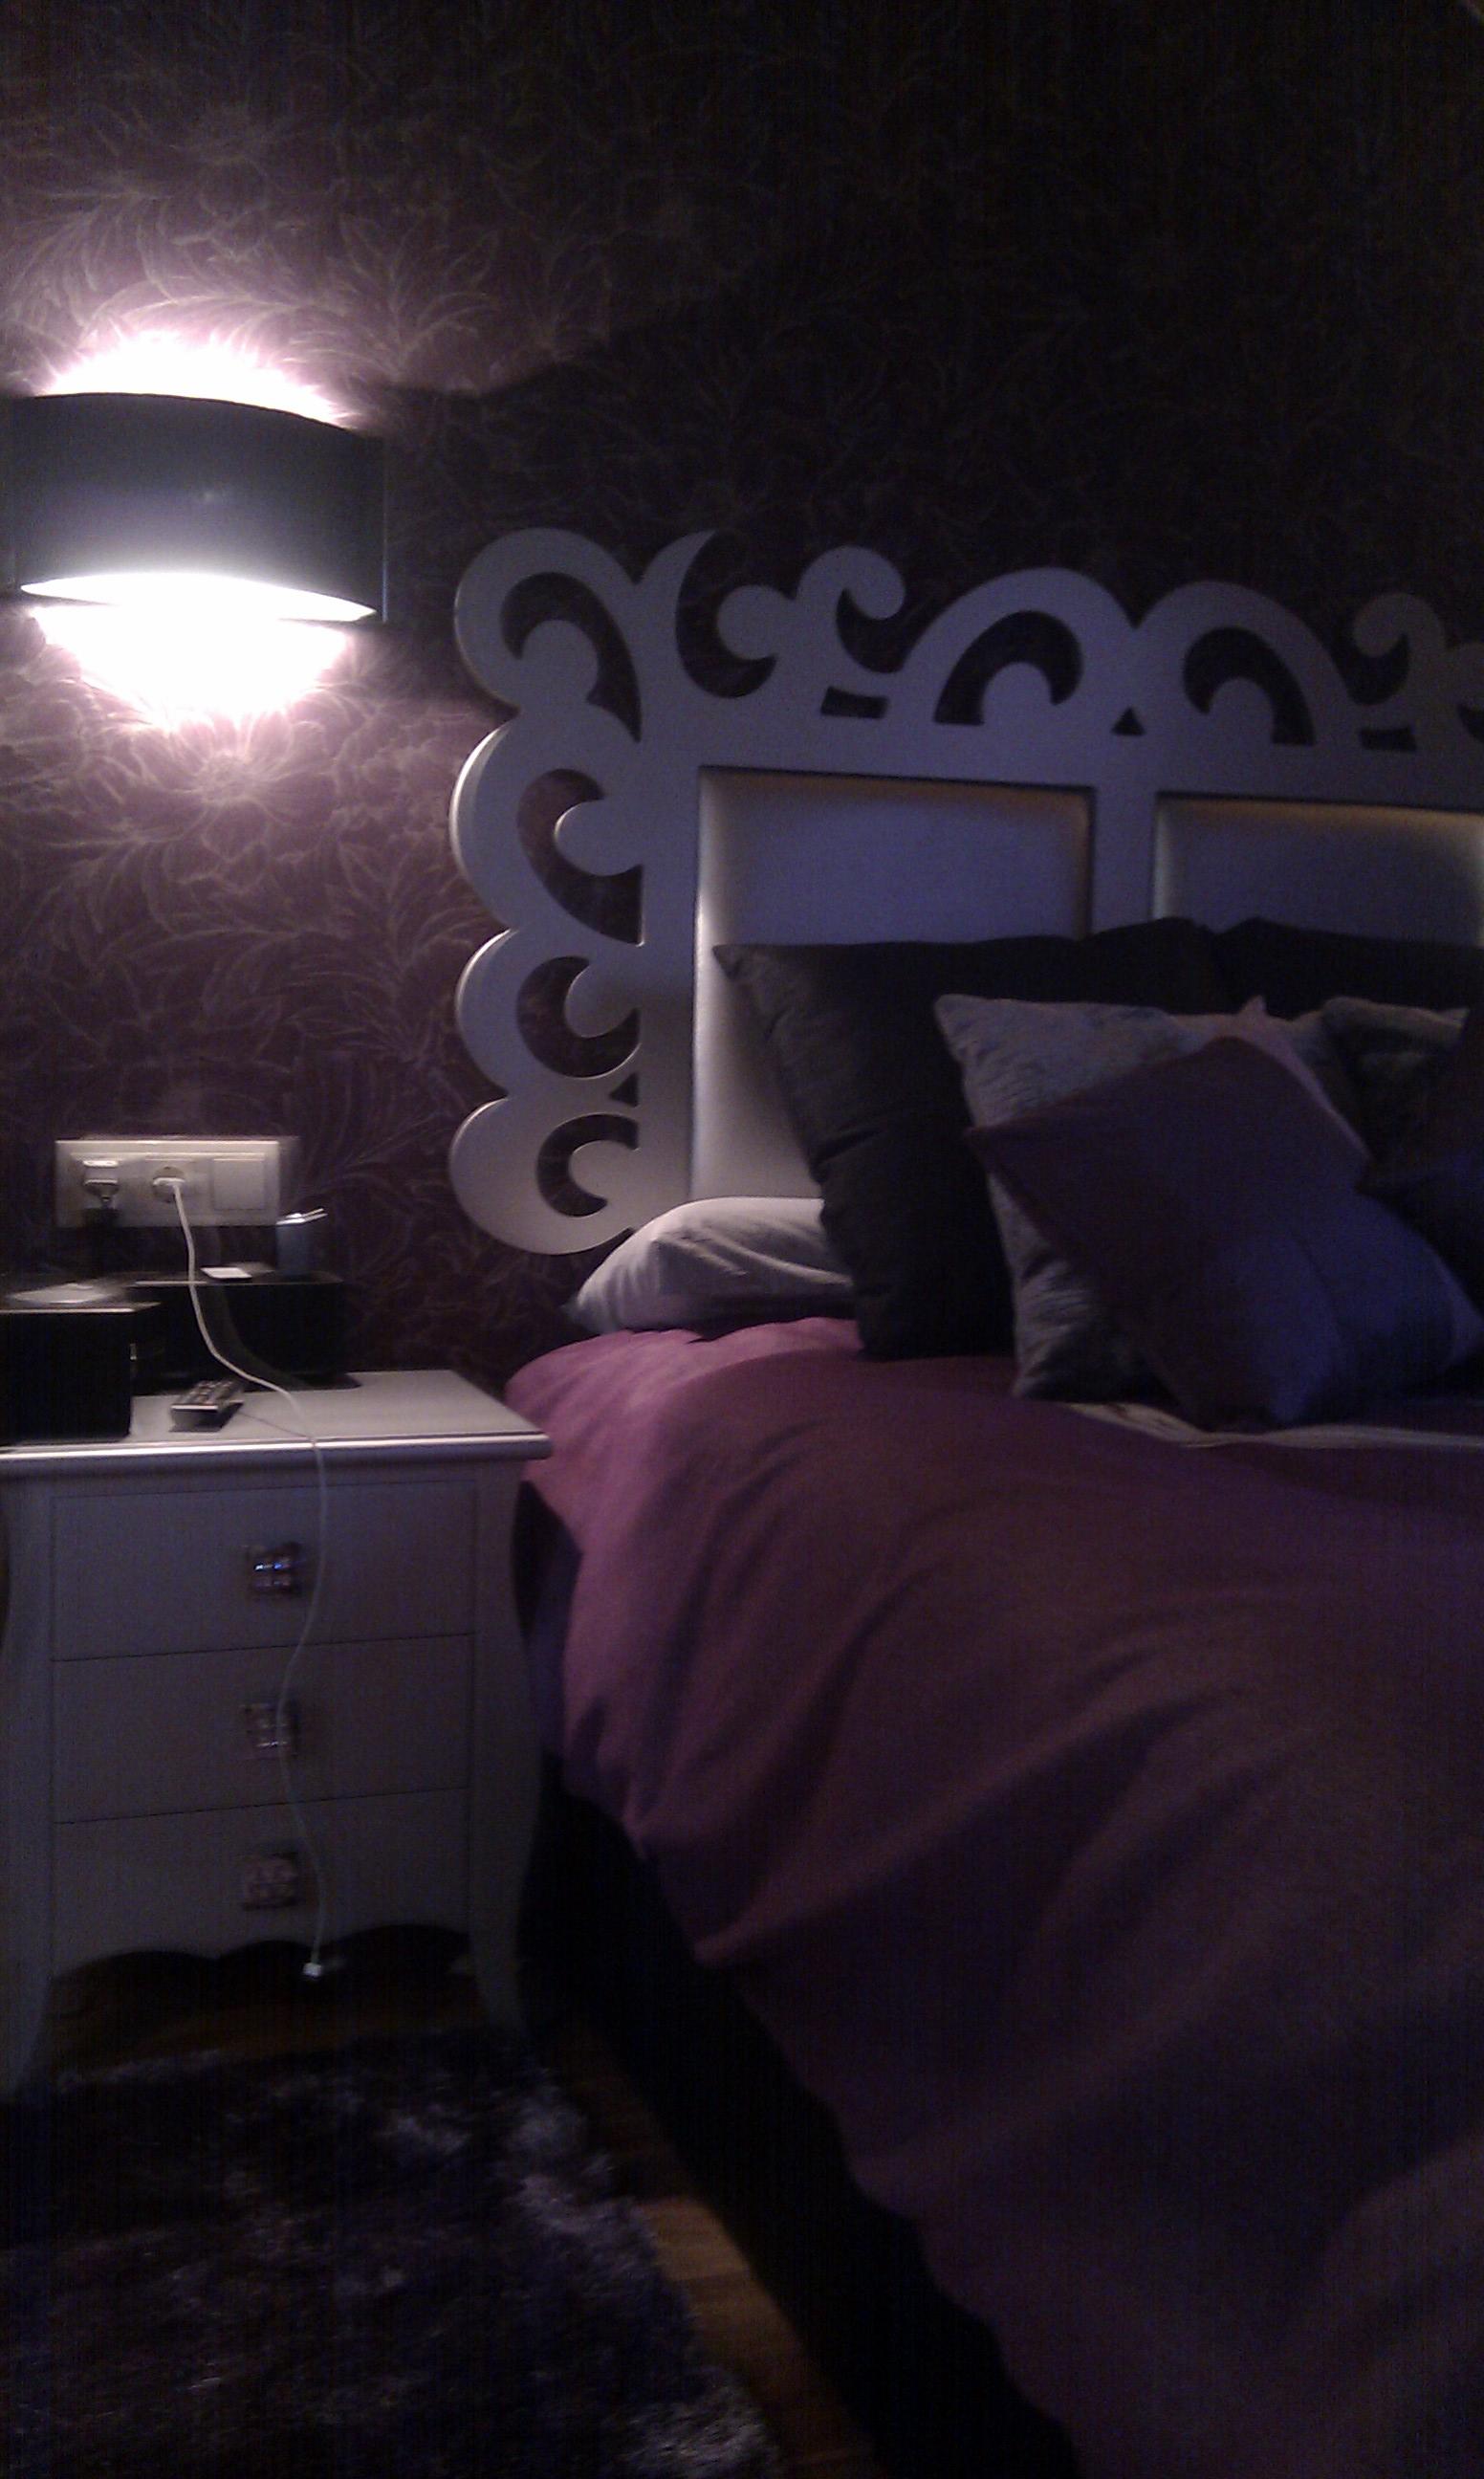 Detalle cabecero habitación bajocubierta, lacado en plata.